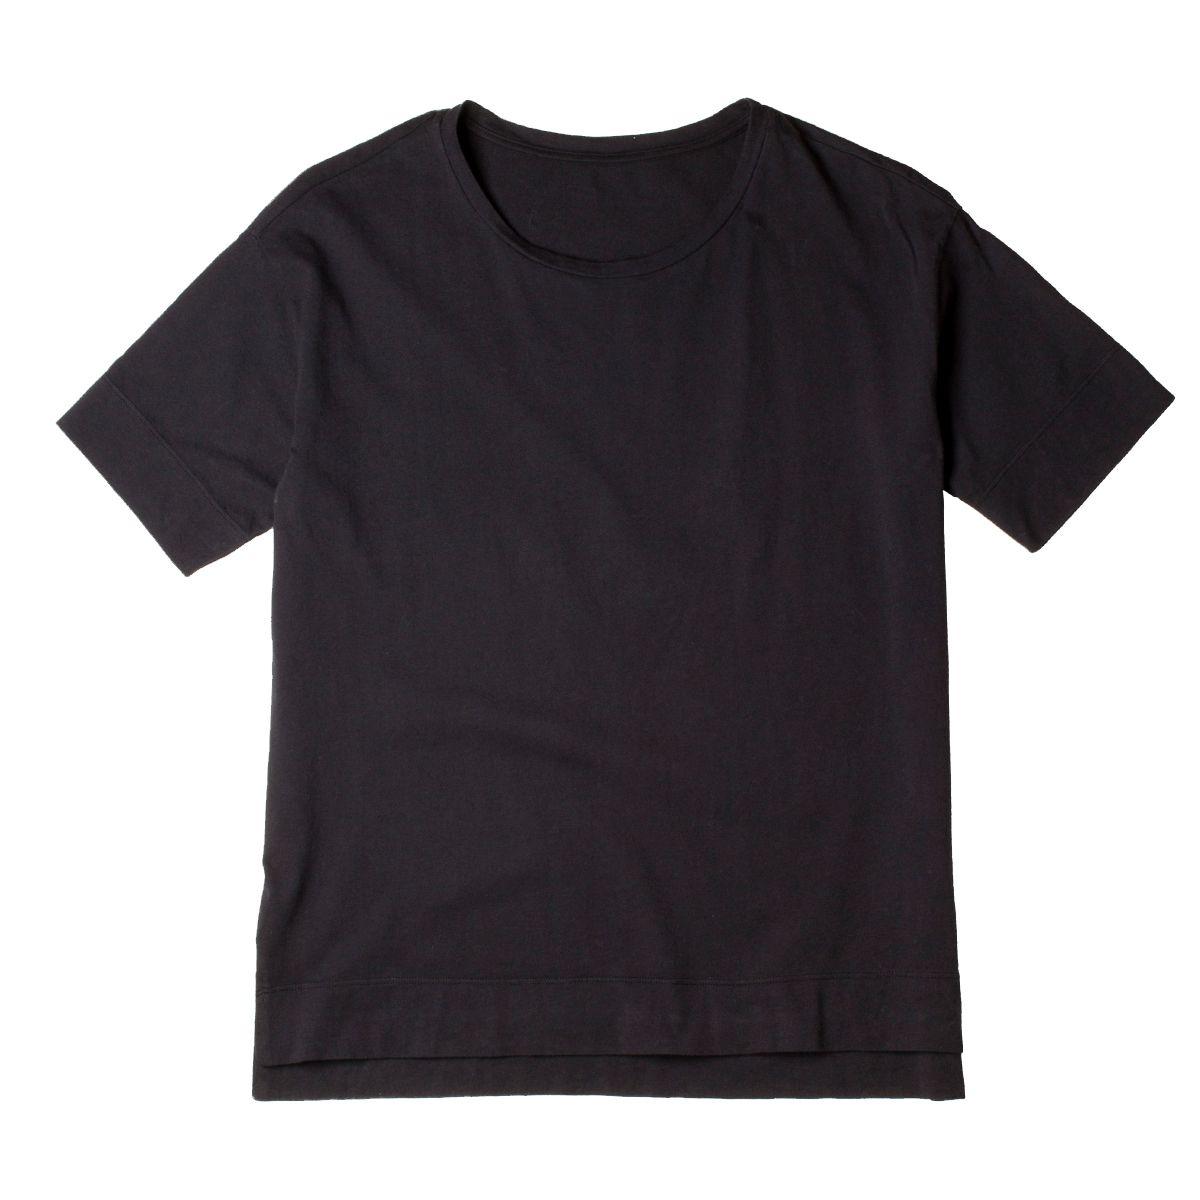 a black t-shirt